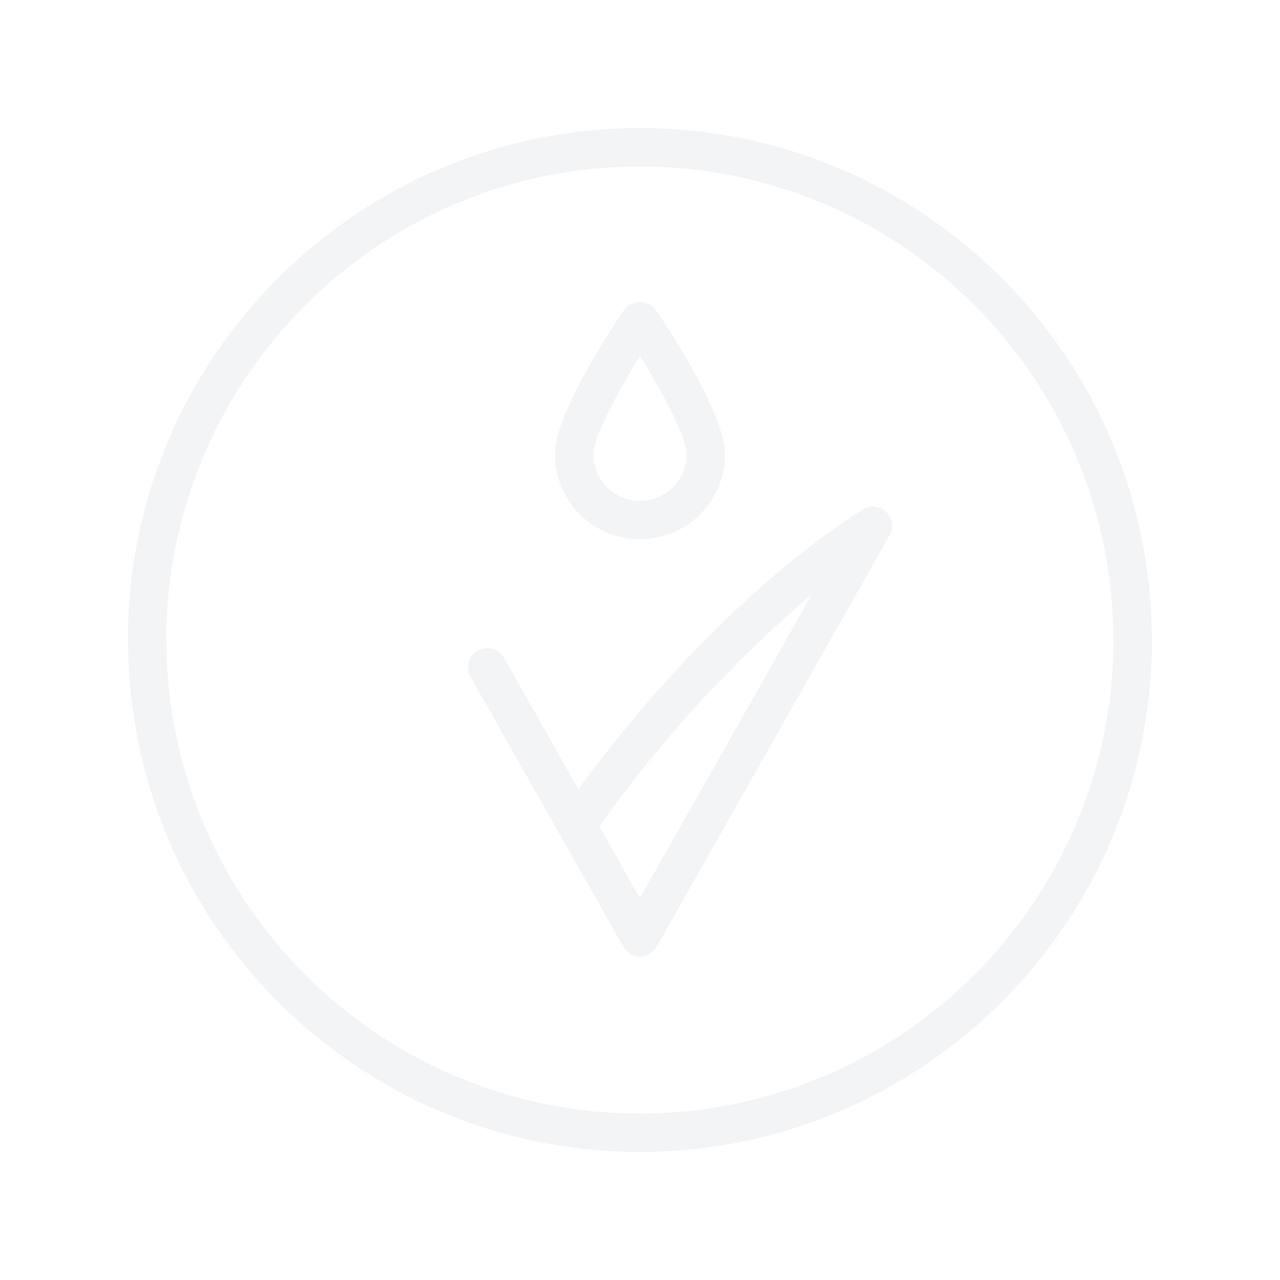 HUGO BOSS Hugo Man 125ml Eau De Toilette Gift Set